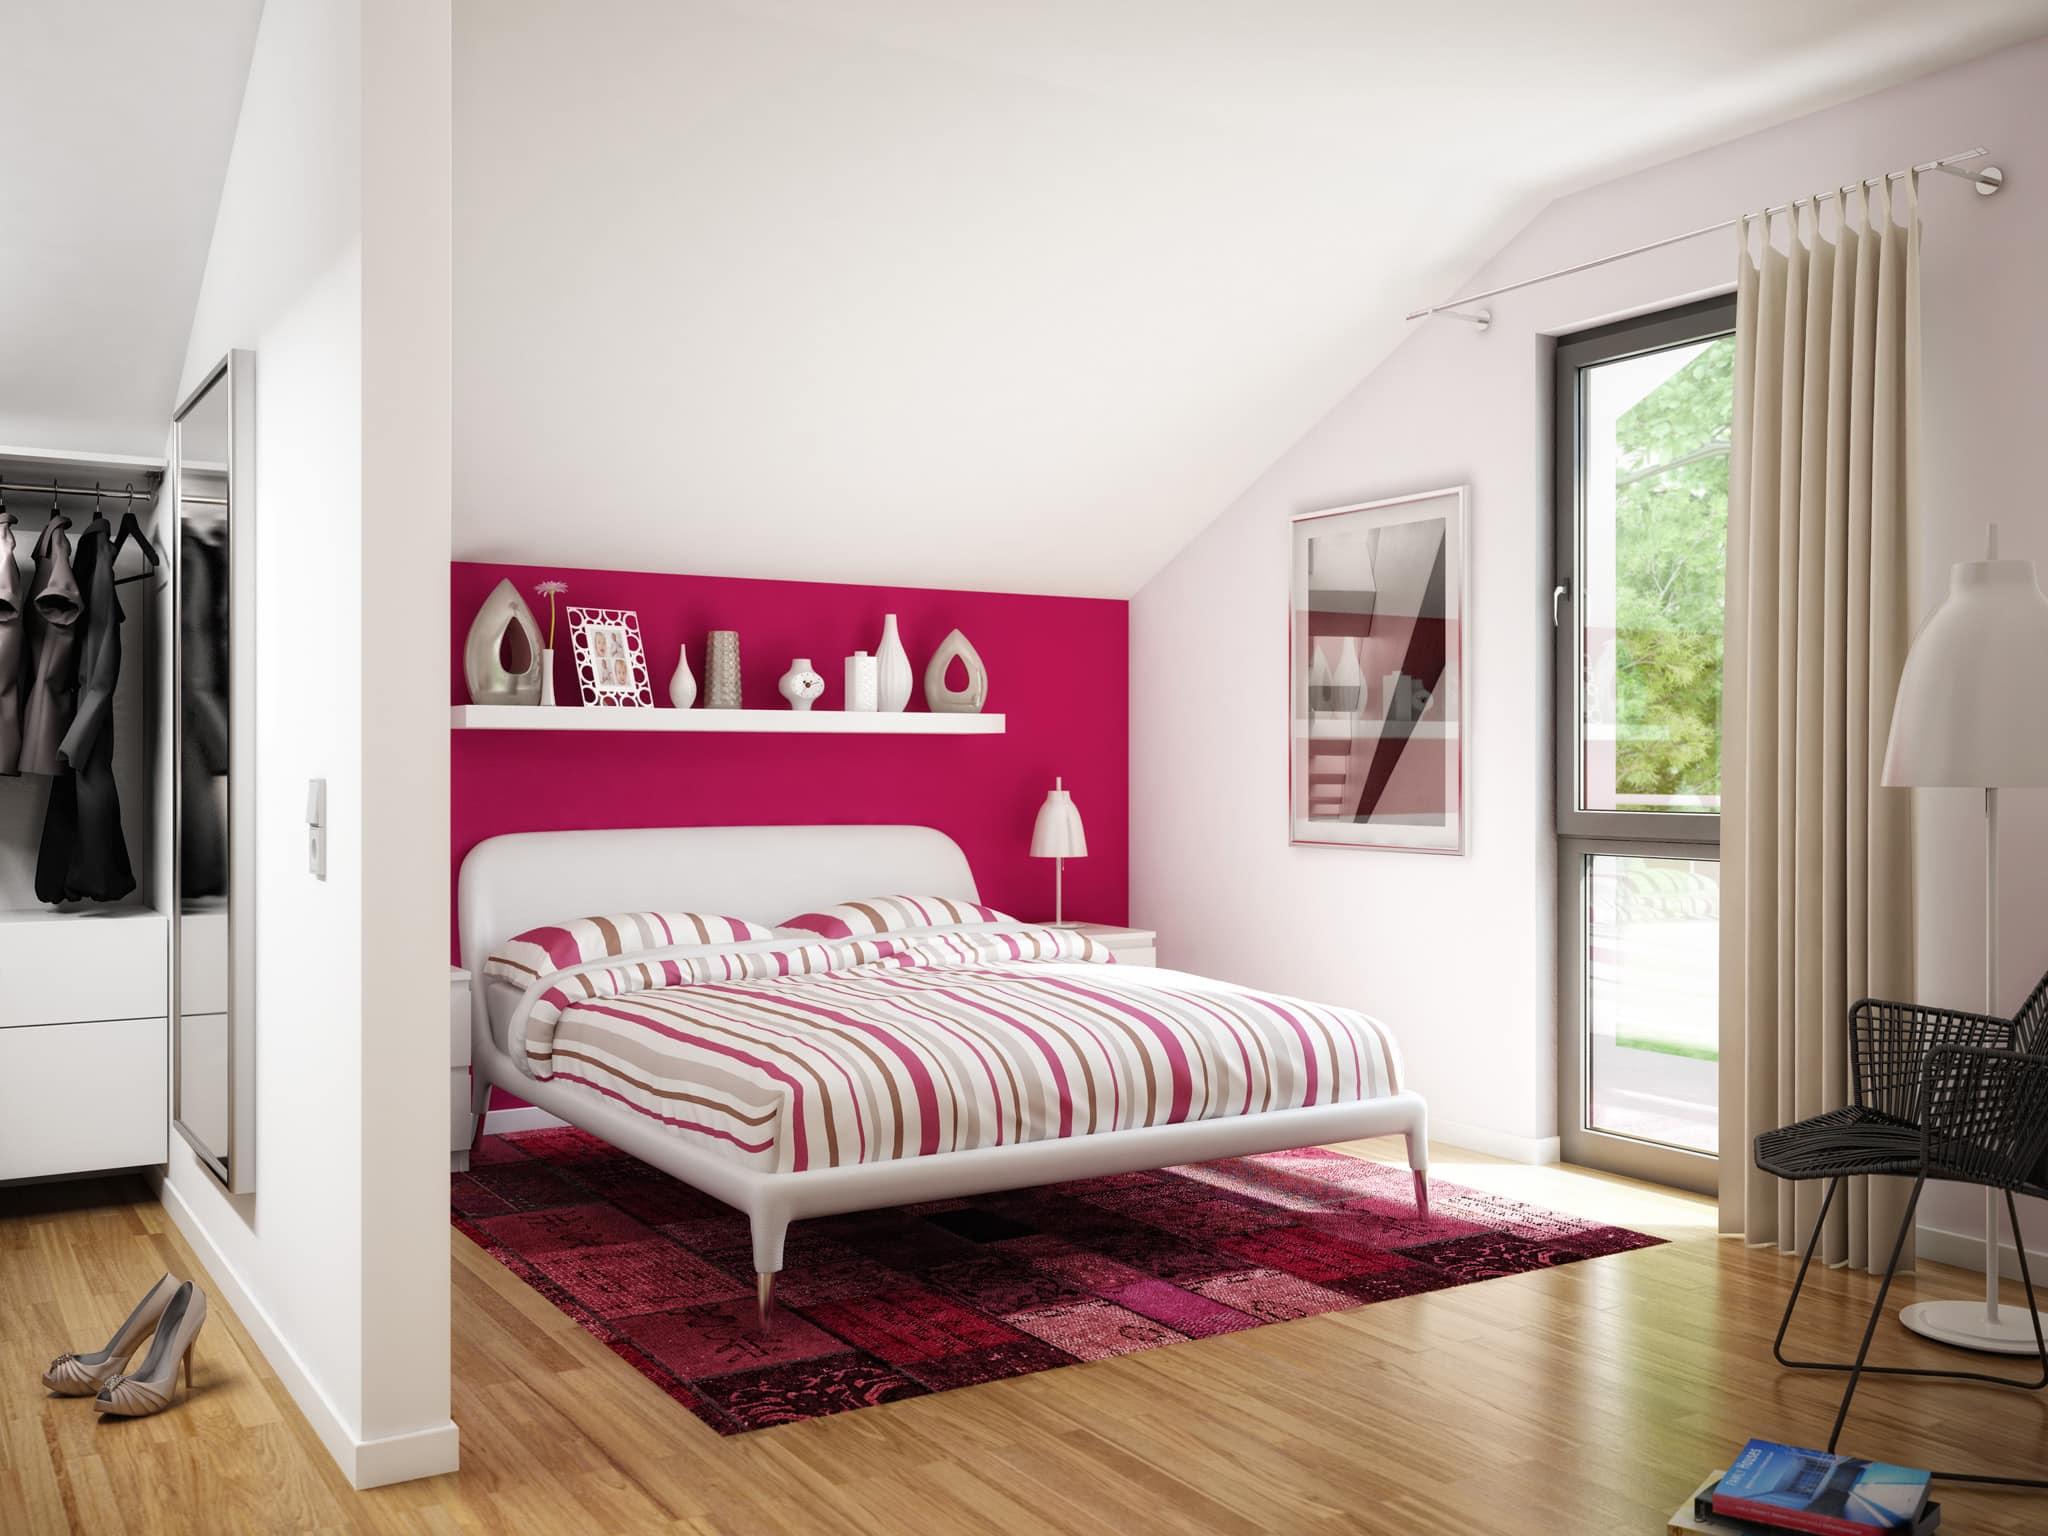 Schlafzimmer modern mit Dachschräge - Inneneinrichtung Haus Ideen Bien Zenker Fertighaus EVOLUTION 139 V3 - HausbauDirekt.de